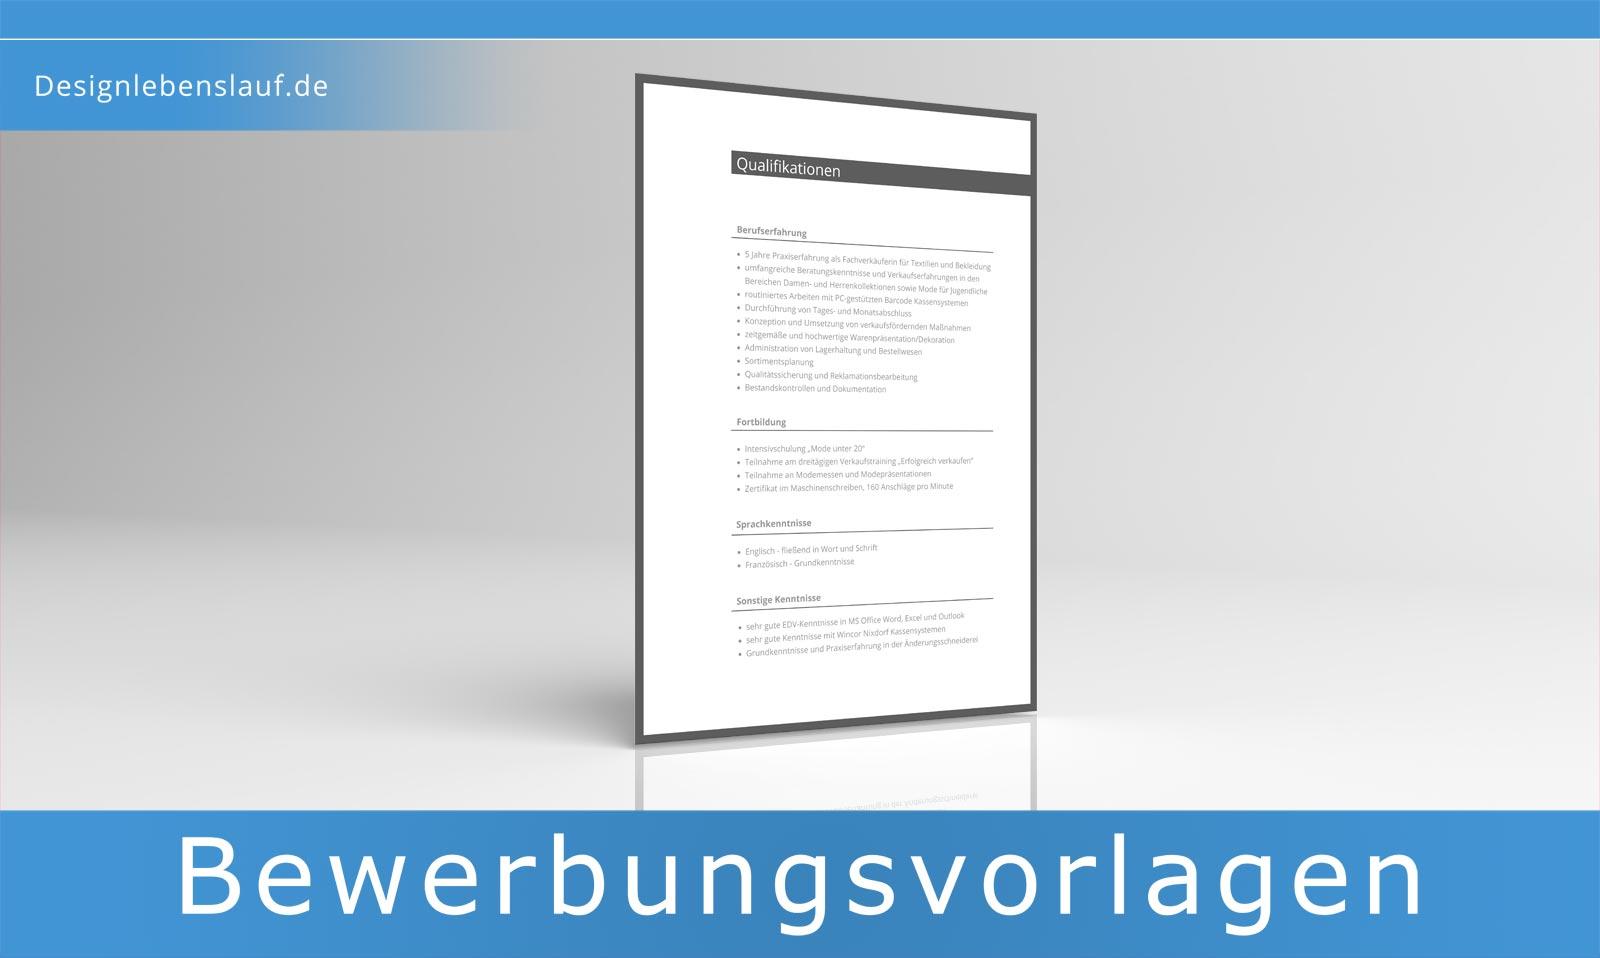 bewerbung deckblatt vorlage kostenlos download bewerbung arbeitsamt  lebenslauf muster student bewerbung fuer praktikum vorlage ...